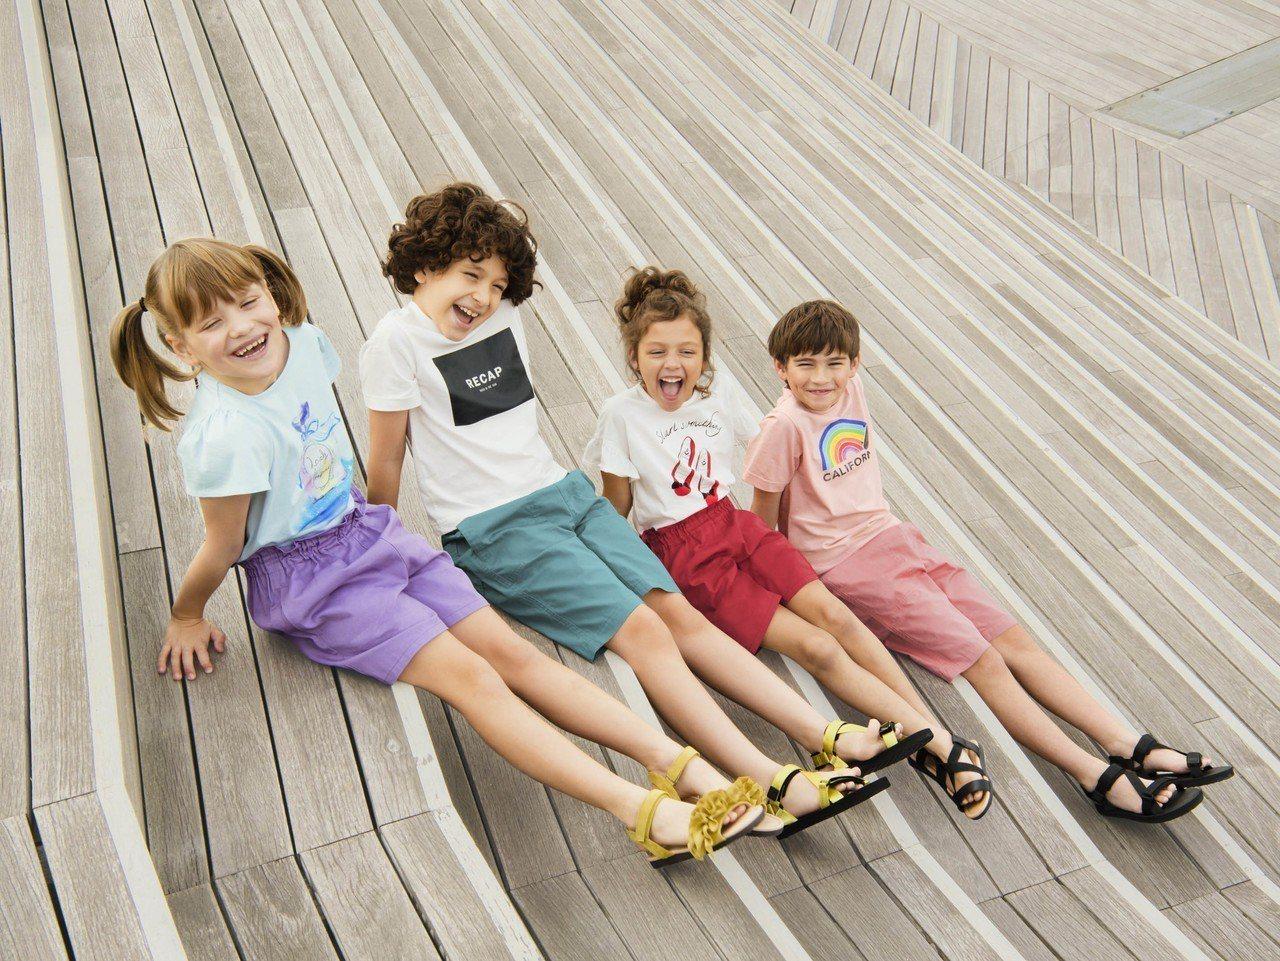 夏日童裝輕便短褲褲裙系列,期間限定價190元起。圖/GU提供